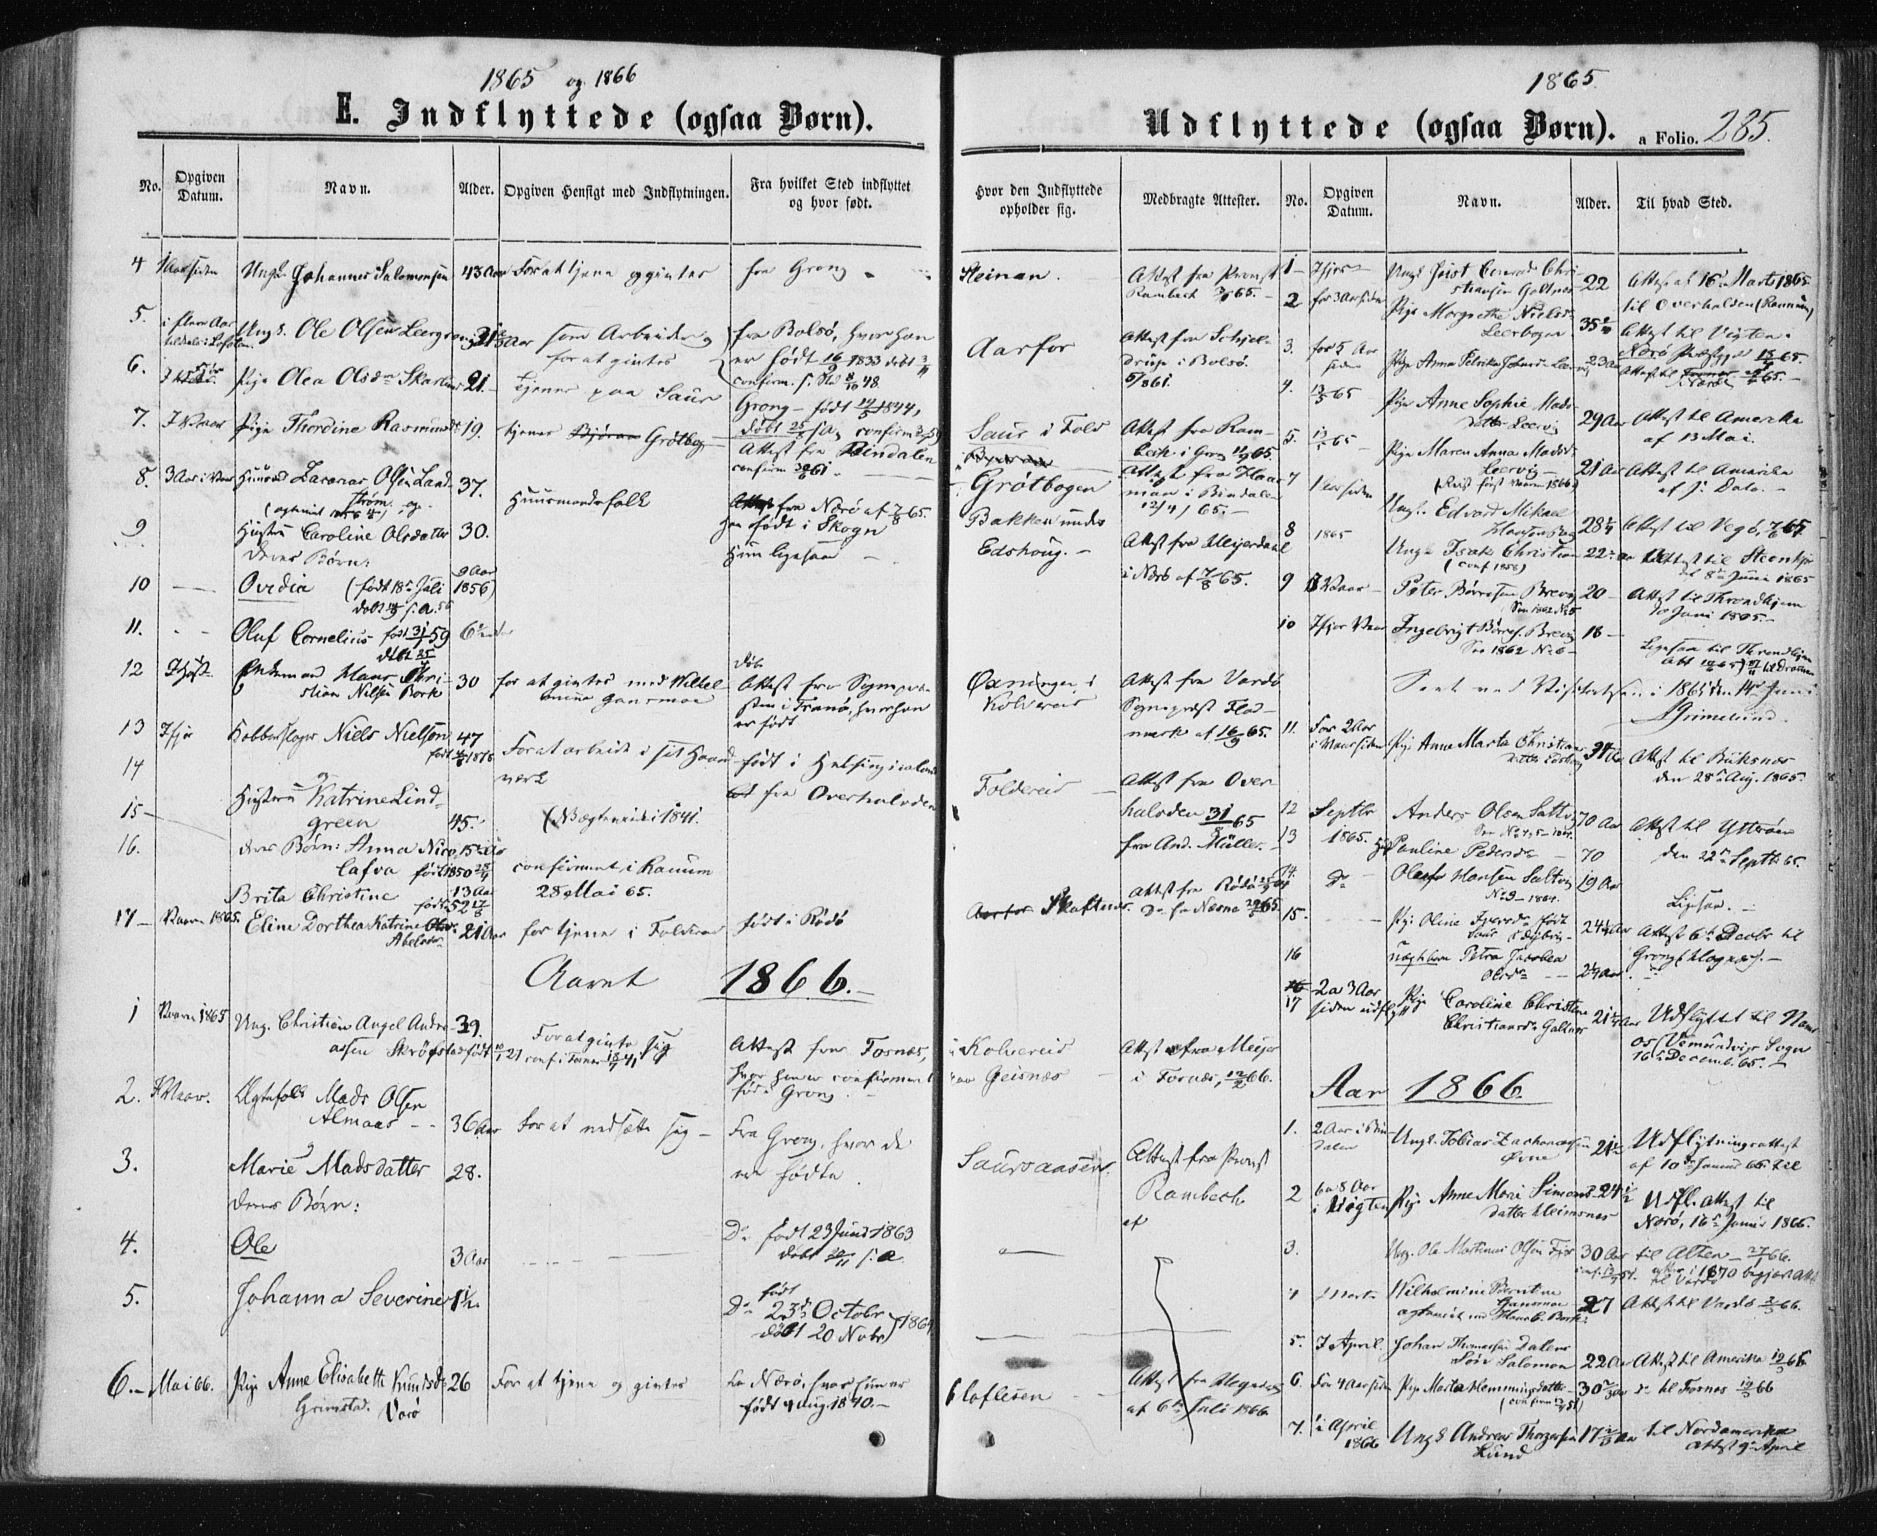 SAT, Ministerialprotokoller, klokkerbøker og fødselsregistre - Nord-Trøndelag, 780/L0641: Ministerialbok nr. 780A06, 1857-1874, s. 285